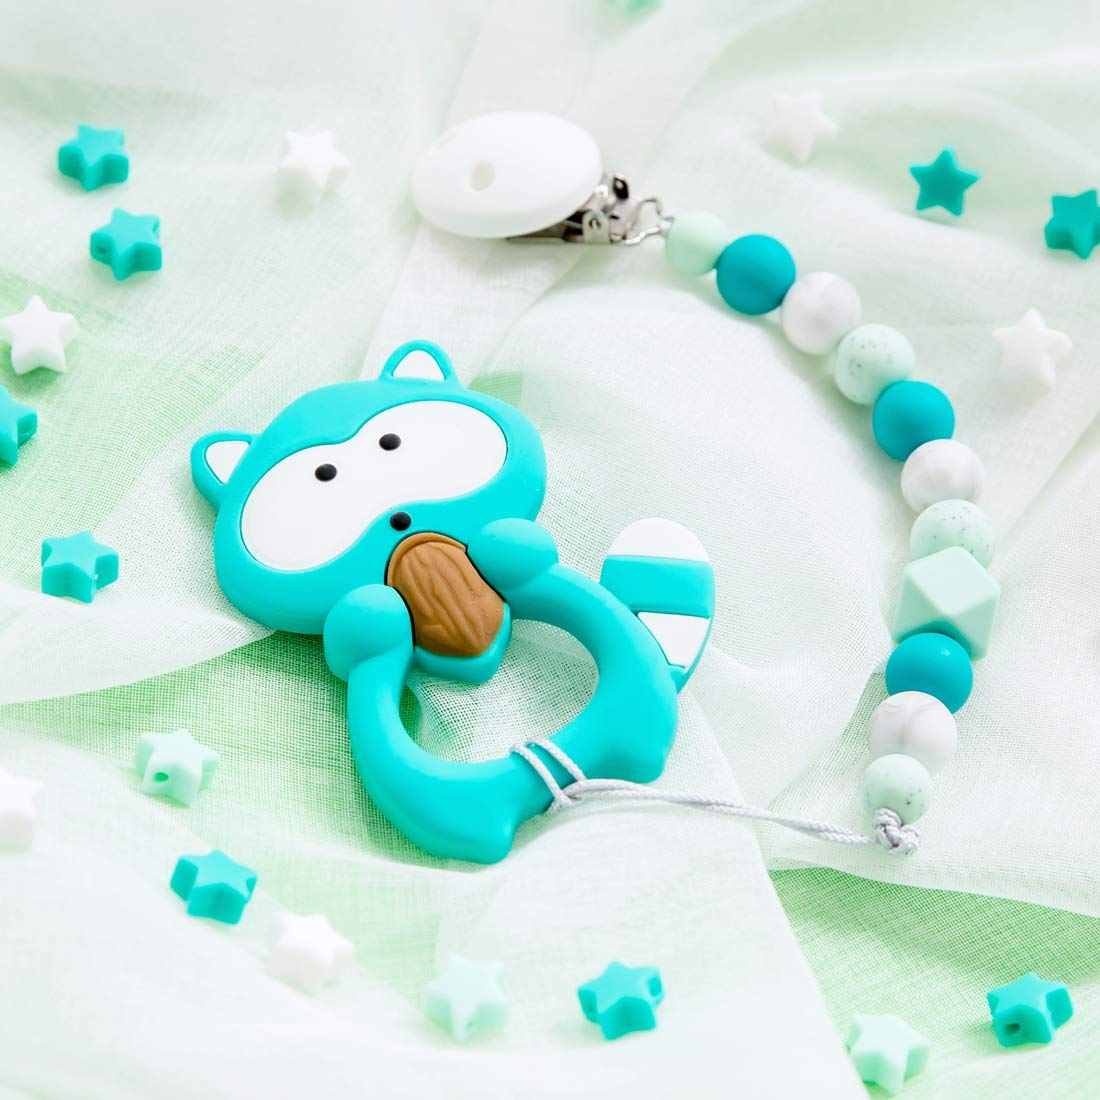 Mamimami Home Baby Silikon Waschb/är BPA Frei Bei/ßring Schnuller Kette Halter Silikon Dummy Clip kaubare Perlen Kinderkrankheiten Spielzeug Dusche Geschenk